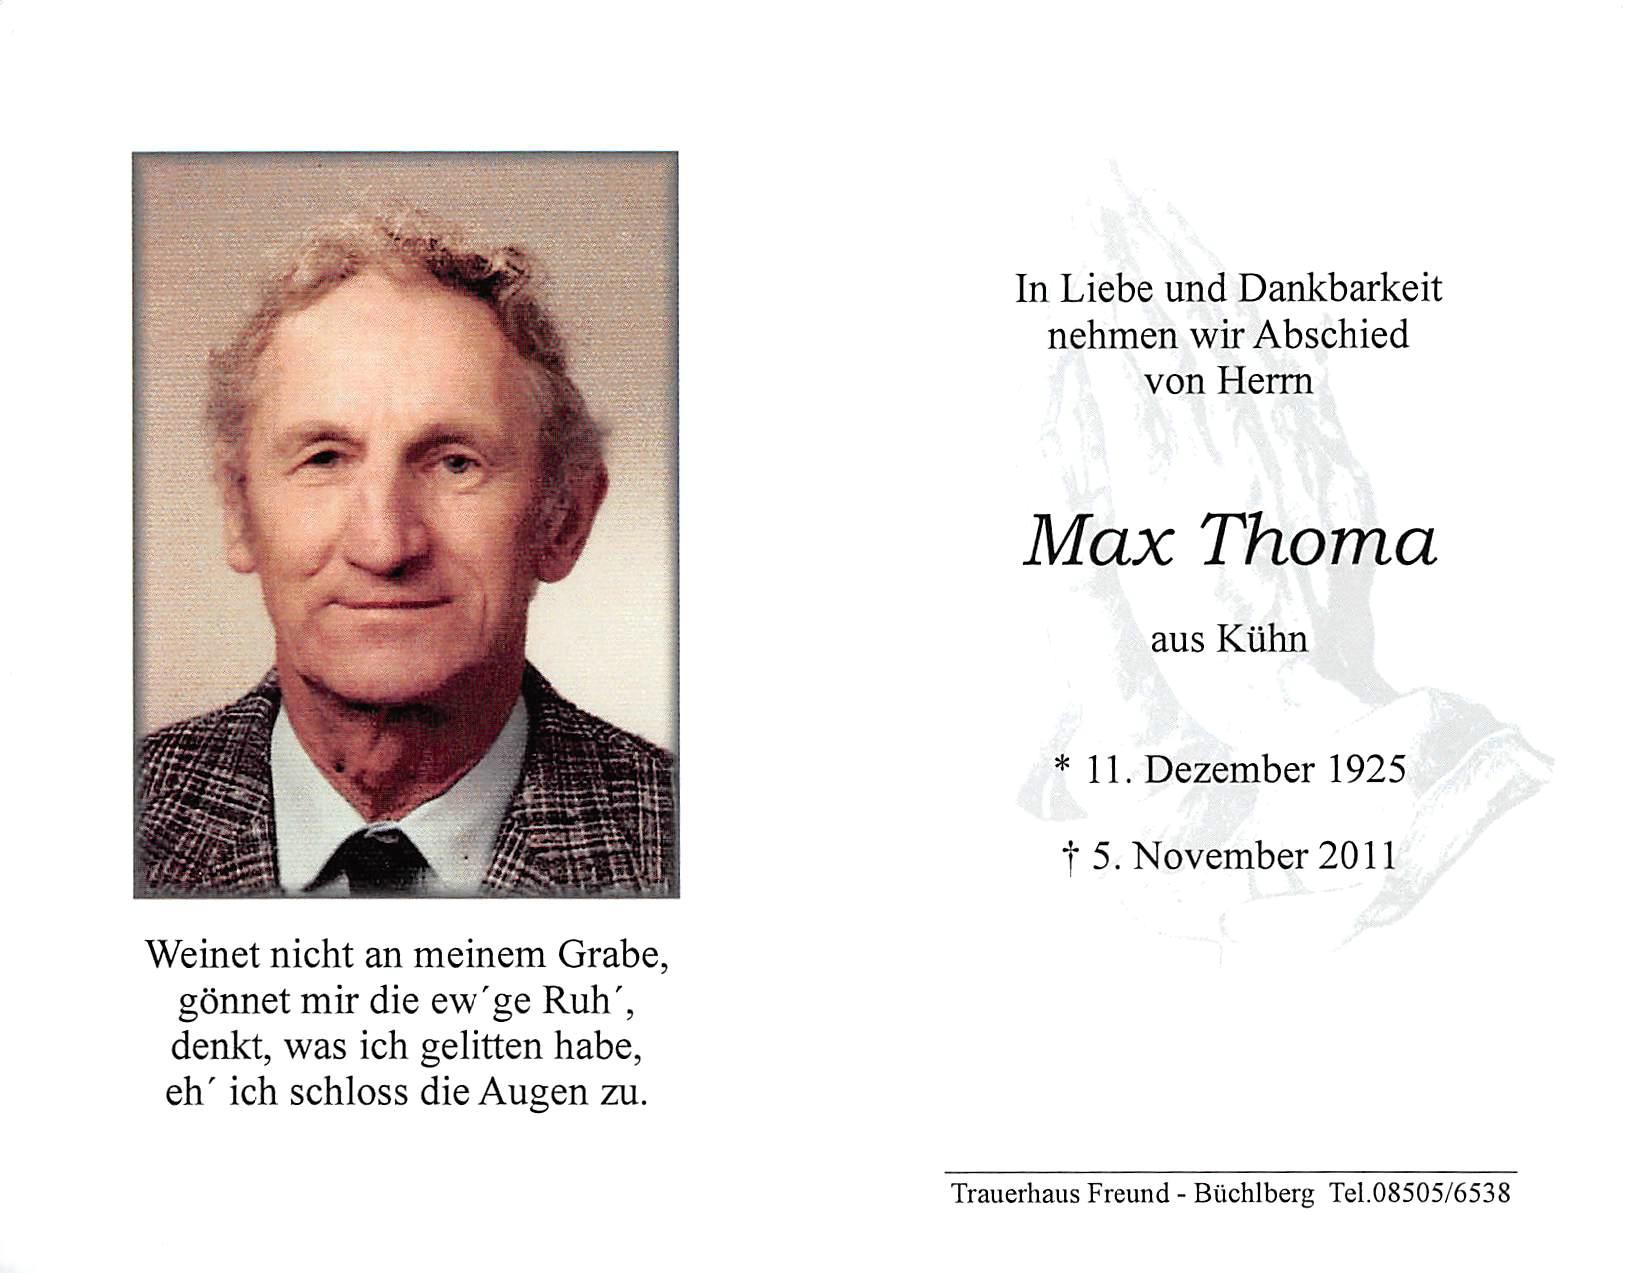 2011-11-05-thoma-Max-Kühn